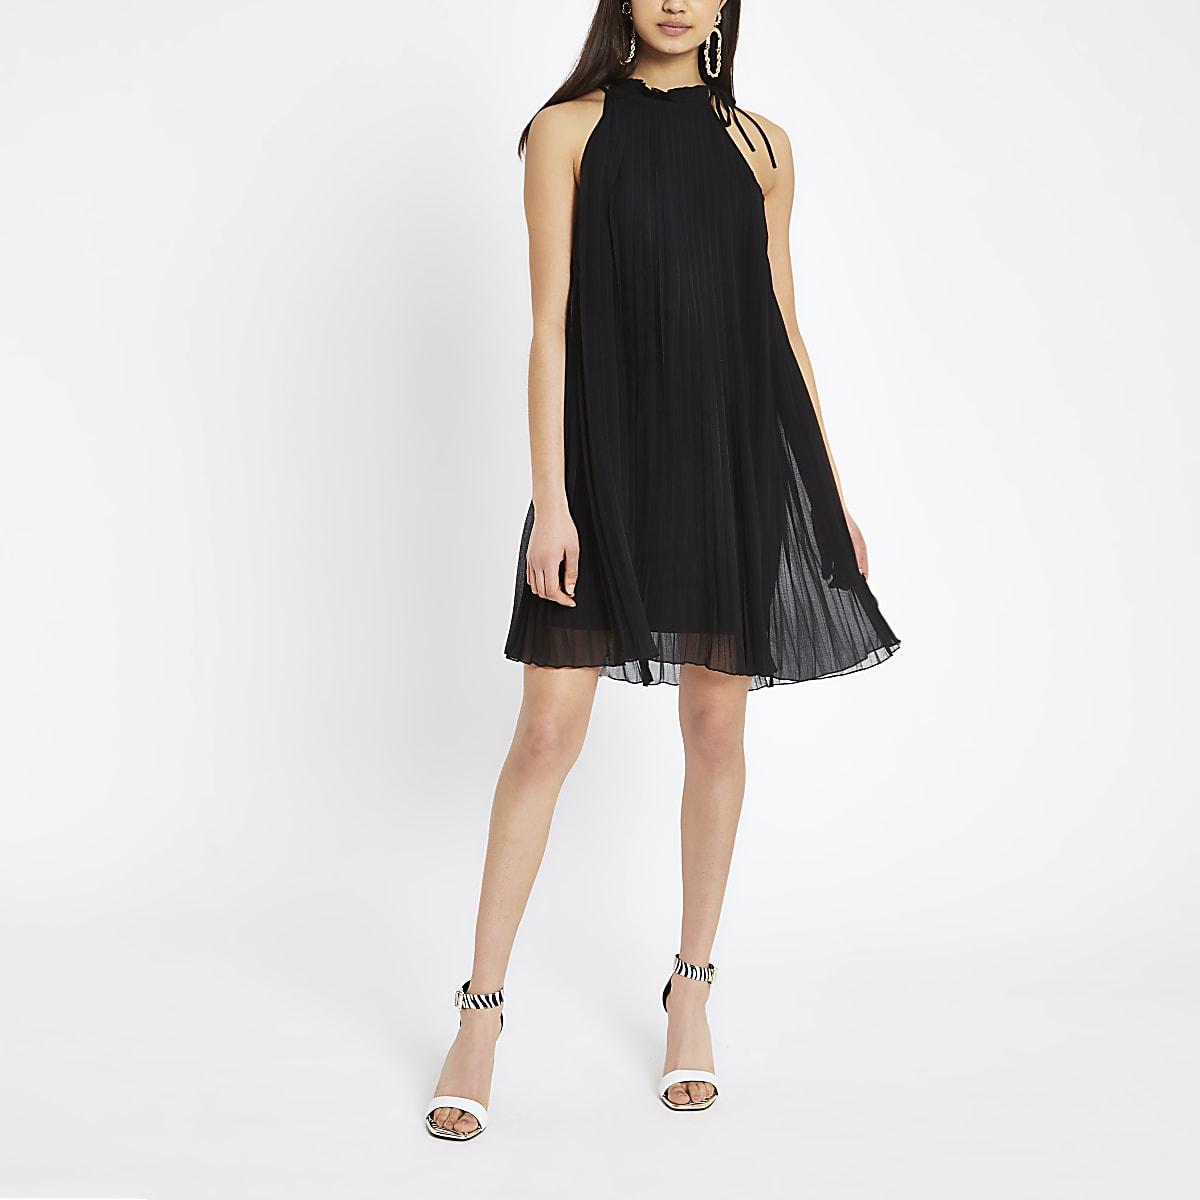 e8cd1ec3b6ef3 Black pleated halter neck swing dress - Swing Dresses - Dresses - women